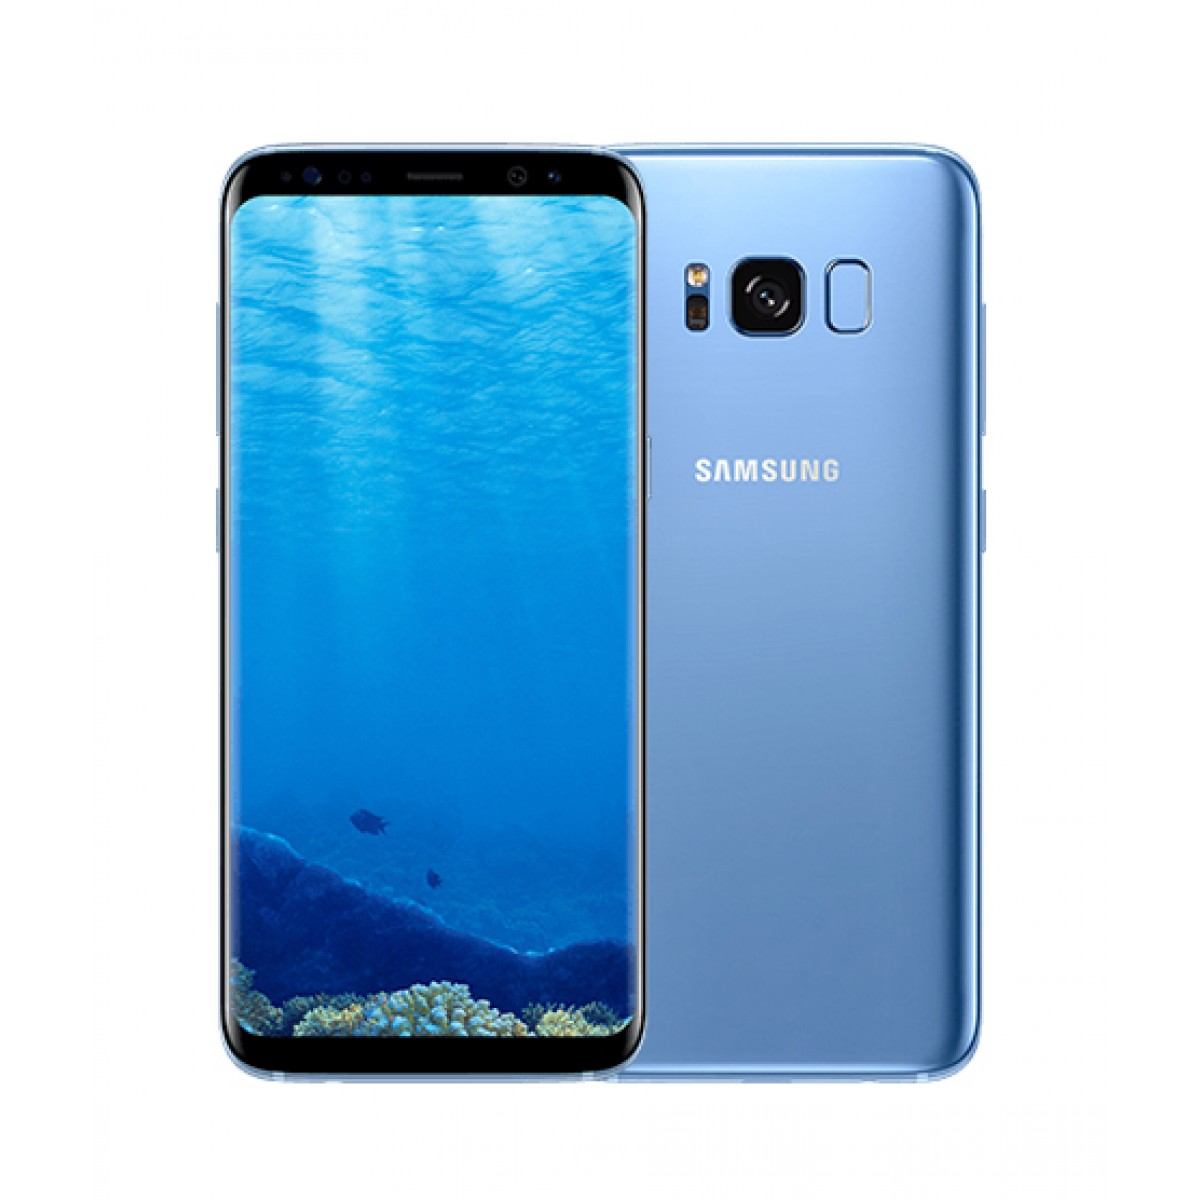 Samsung Galaxy S8 64GB Dual Sim Coral Blue (G950FD)